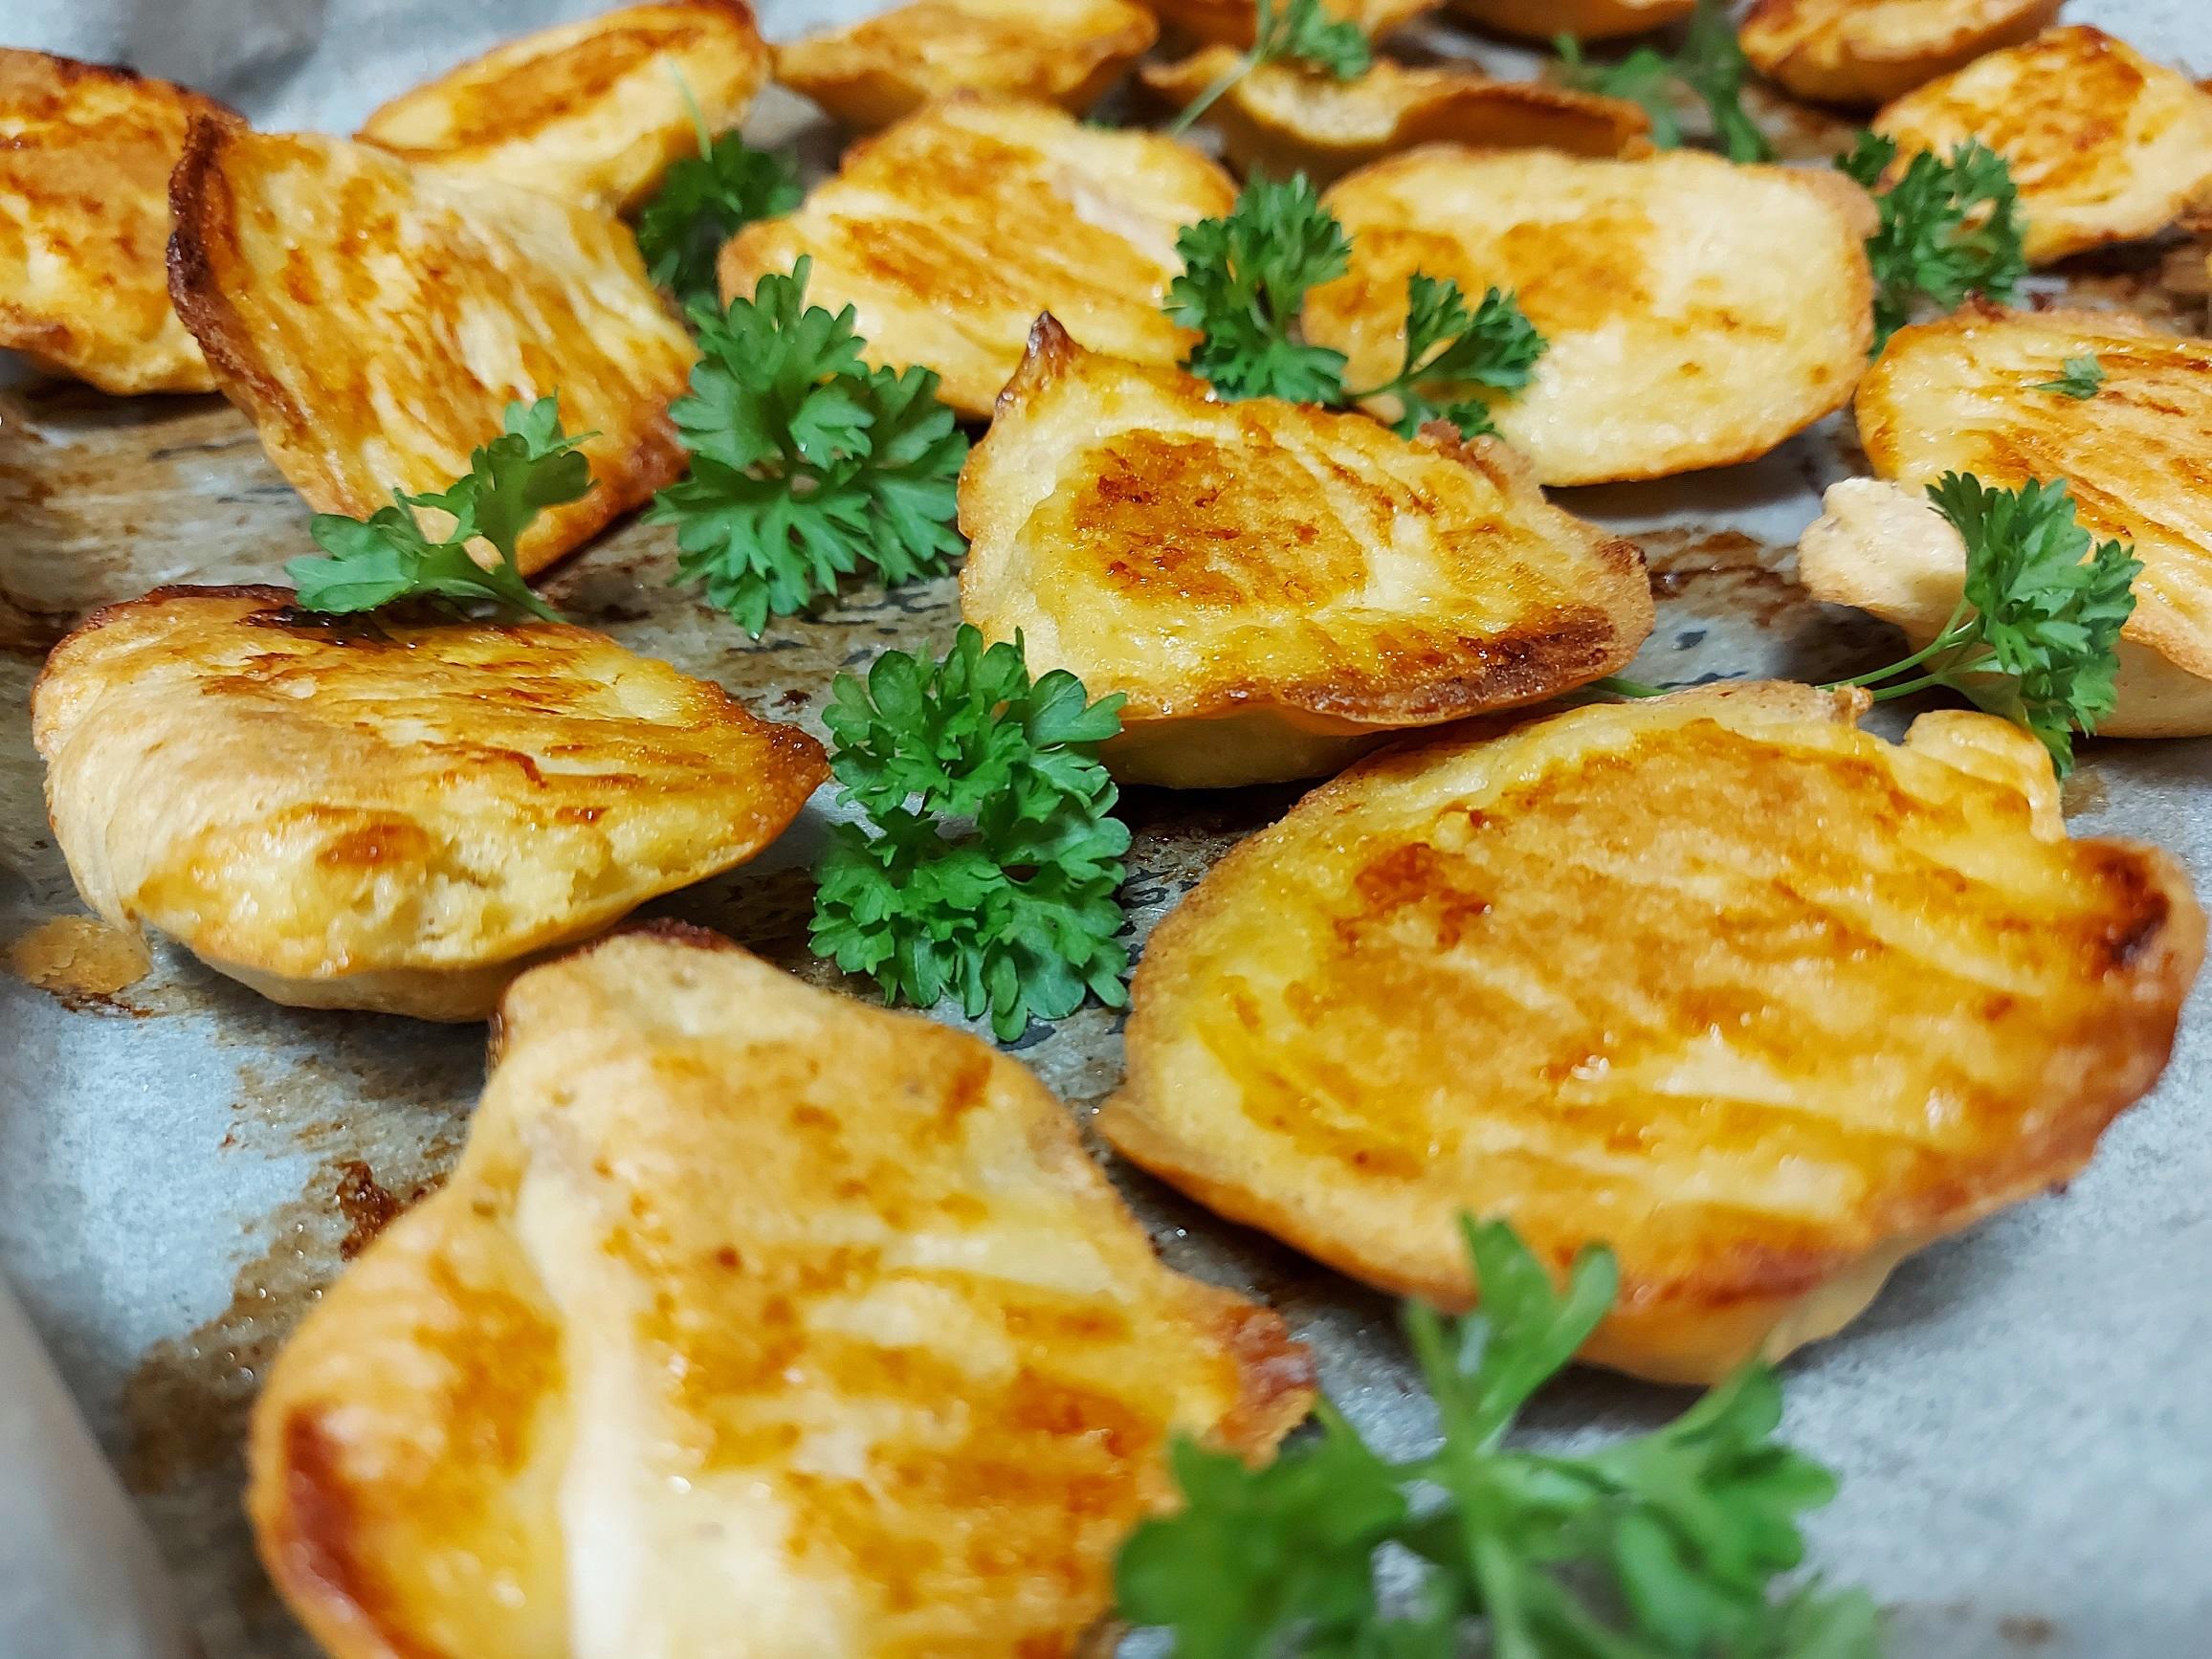 Diétás palacsintatésztában sült csirkemell sütőben sütve